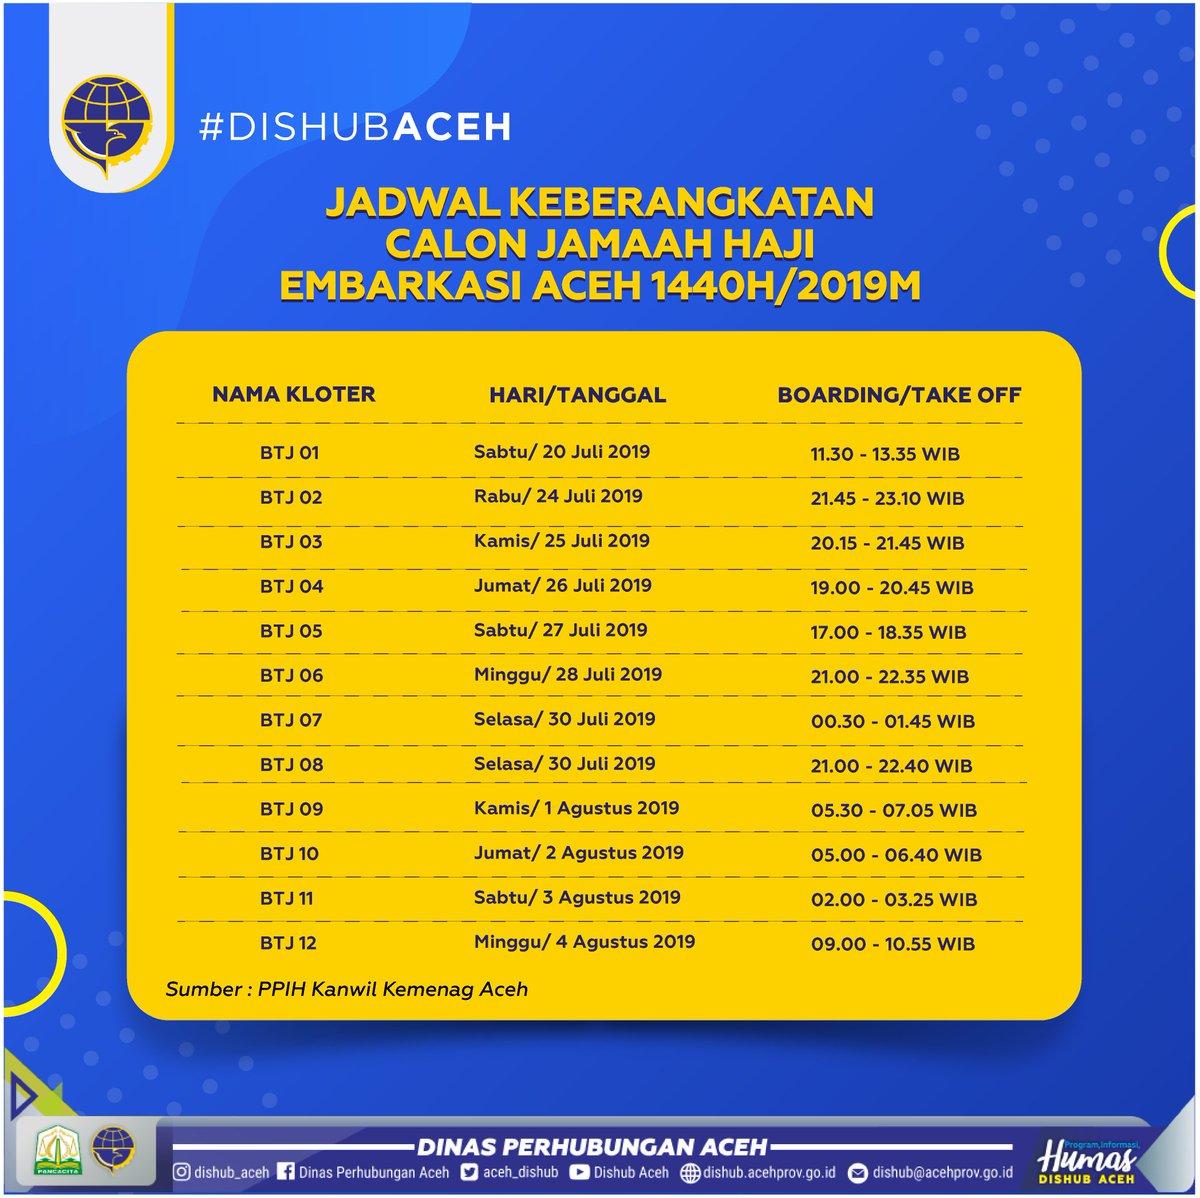 Jadwal Keberangkatan Haji 2019 Aceh - Inspirasi Muslim